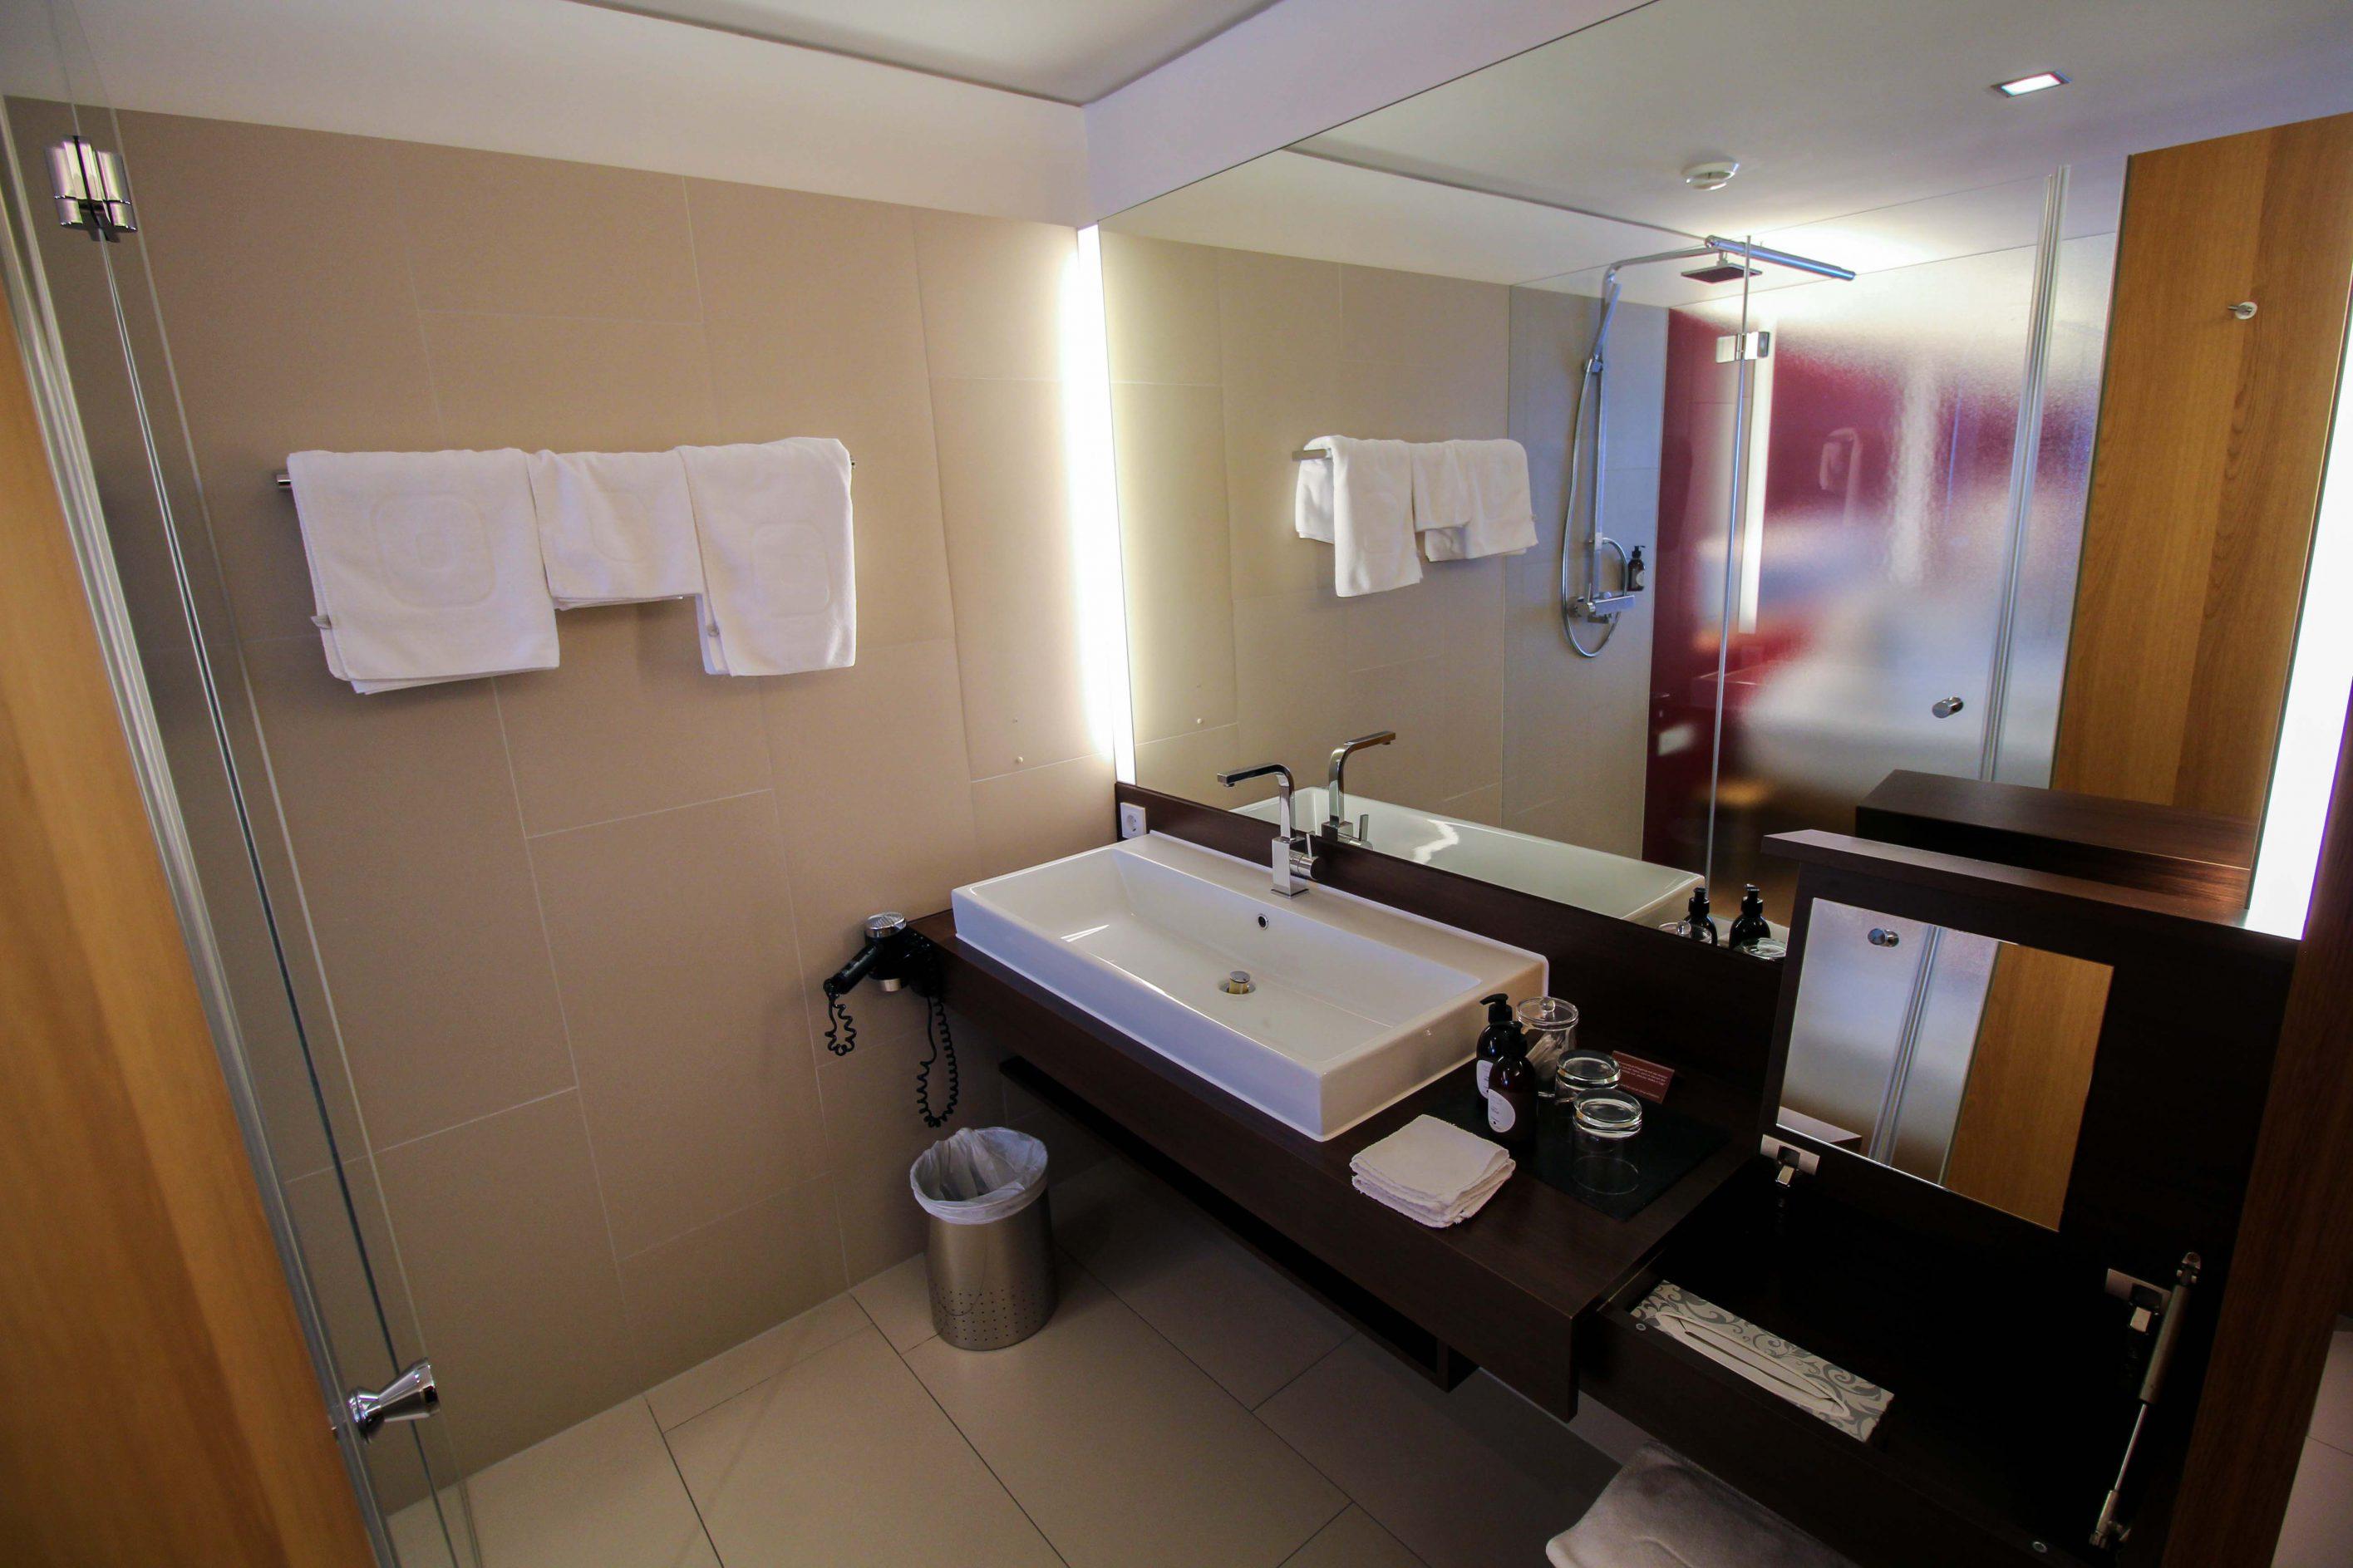 Wellnesswochenende Österreich Sonne Lifestyle Resort Mellau Wellnesshotel Bregenzerwald Superior Zimmer offenes Badezimmer Waschbecken Reiseblog